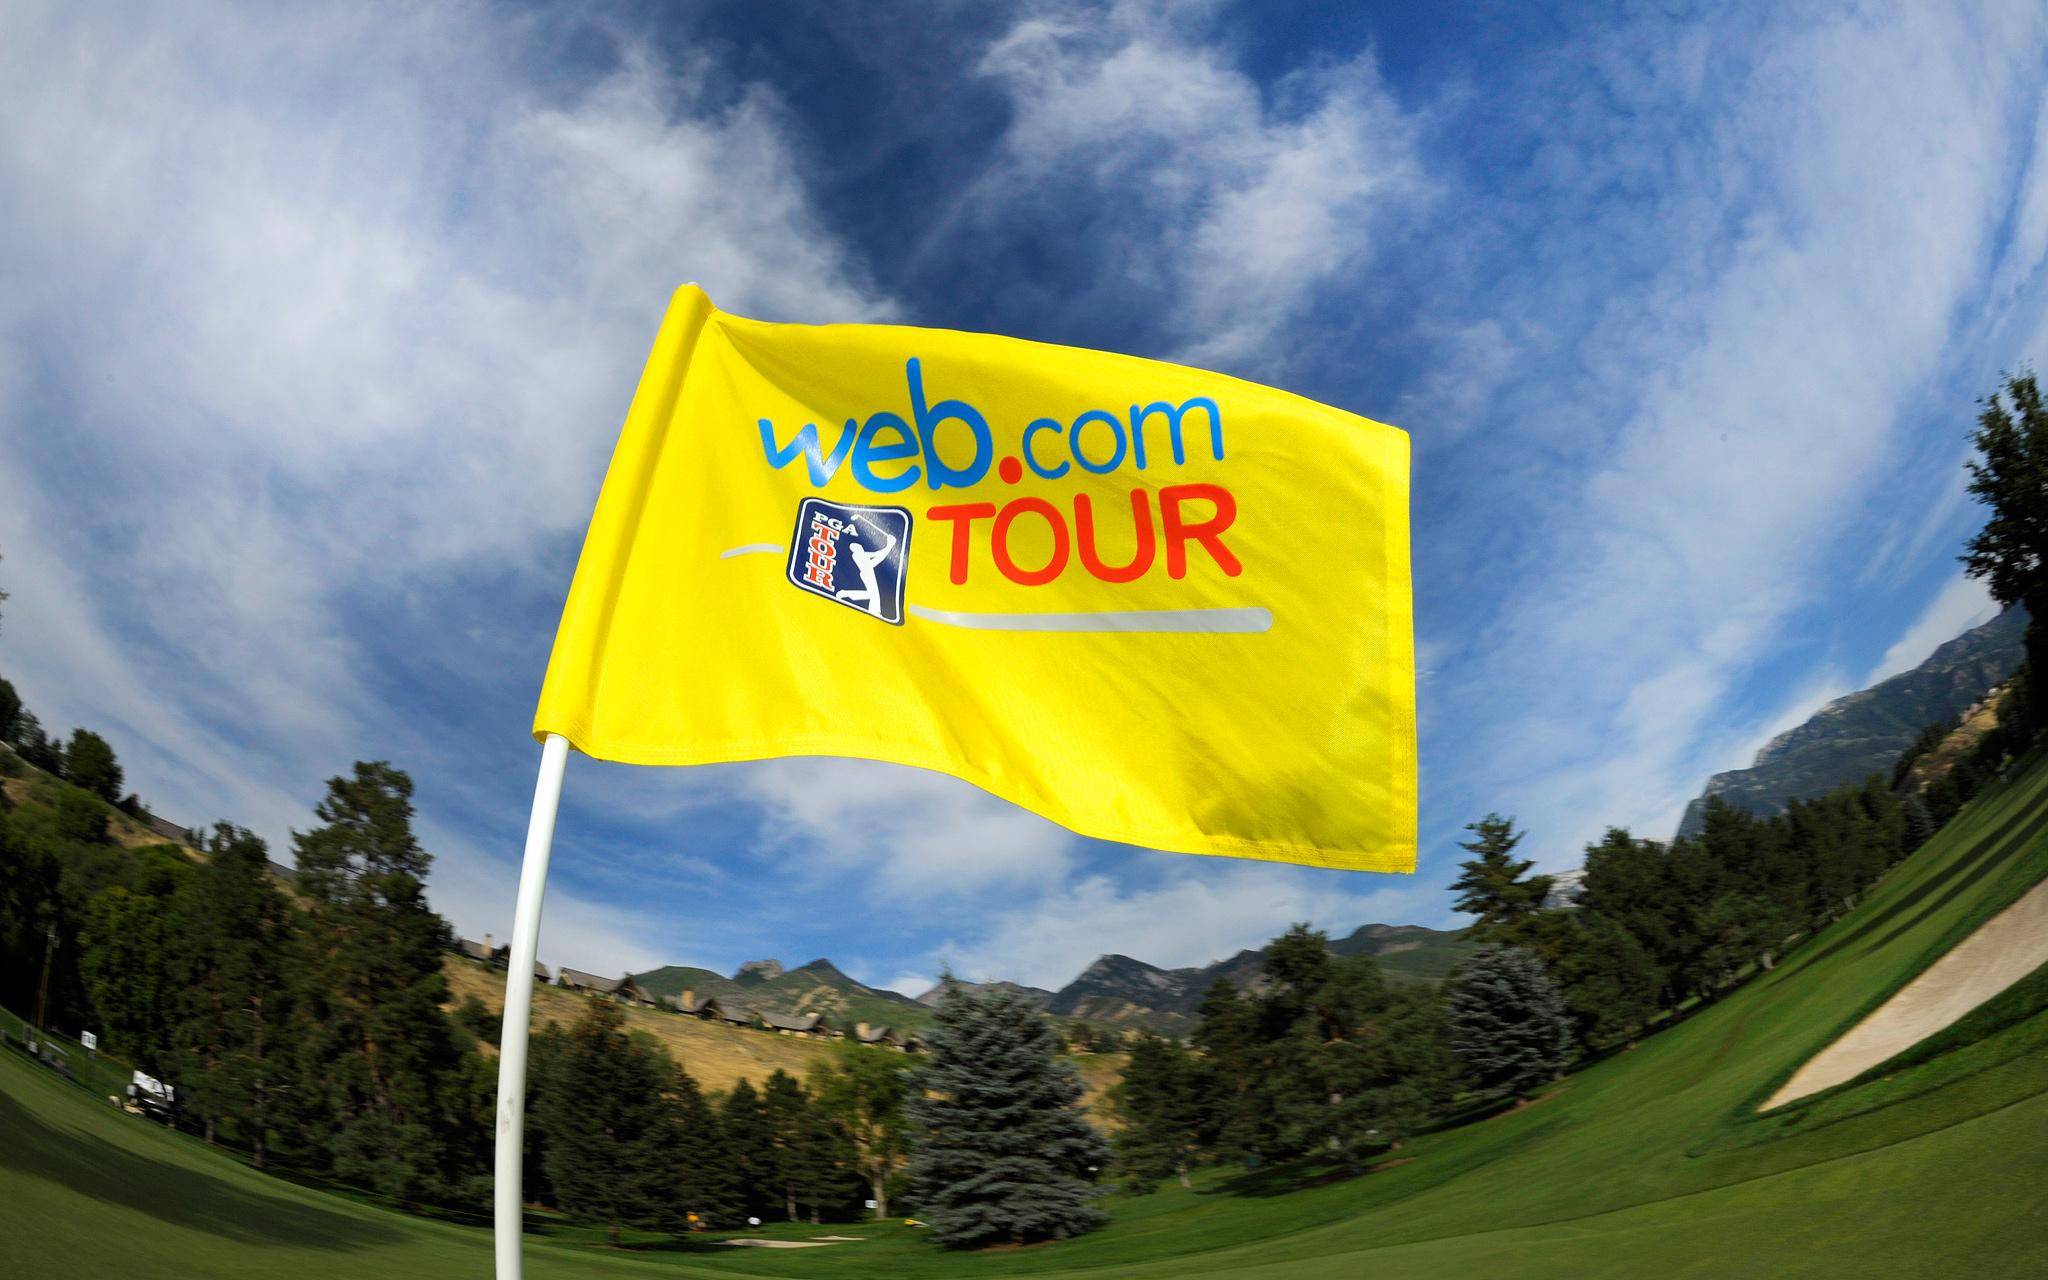 Web.com Flag